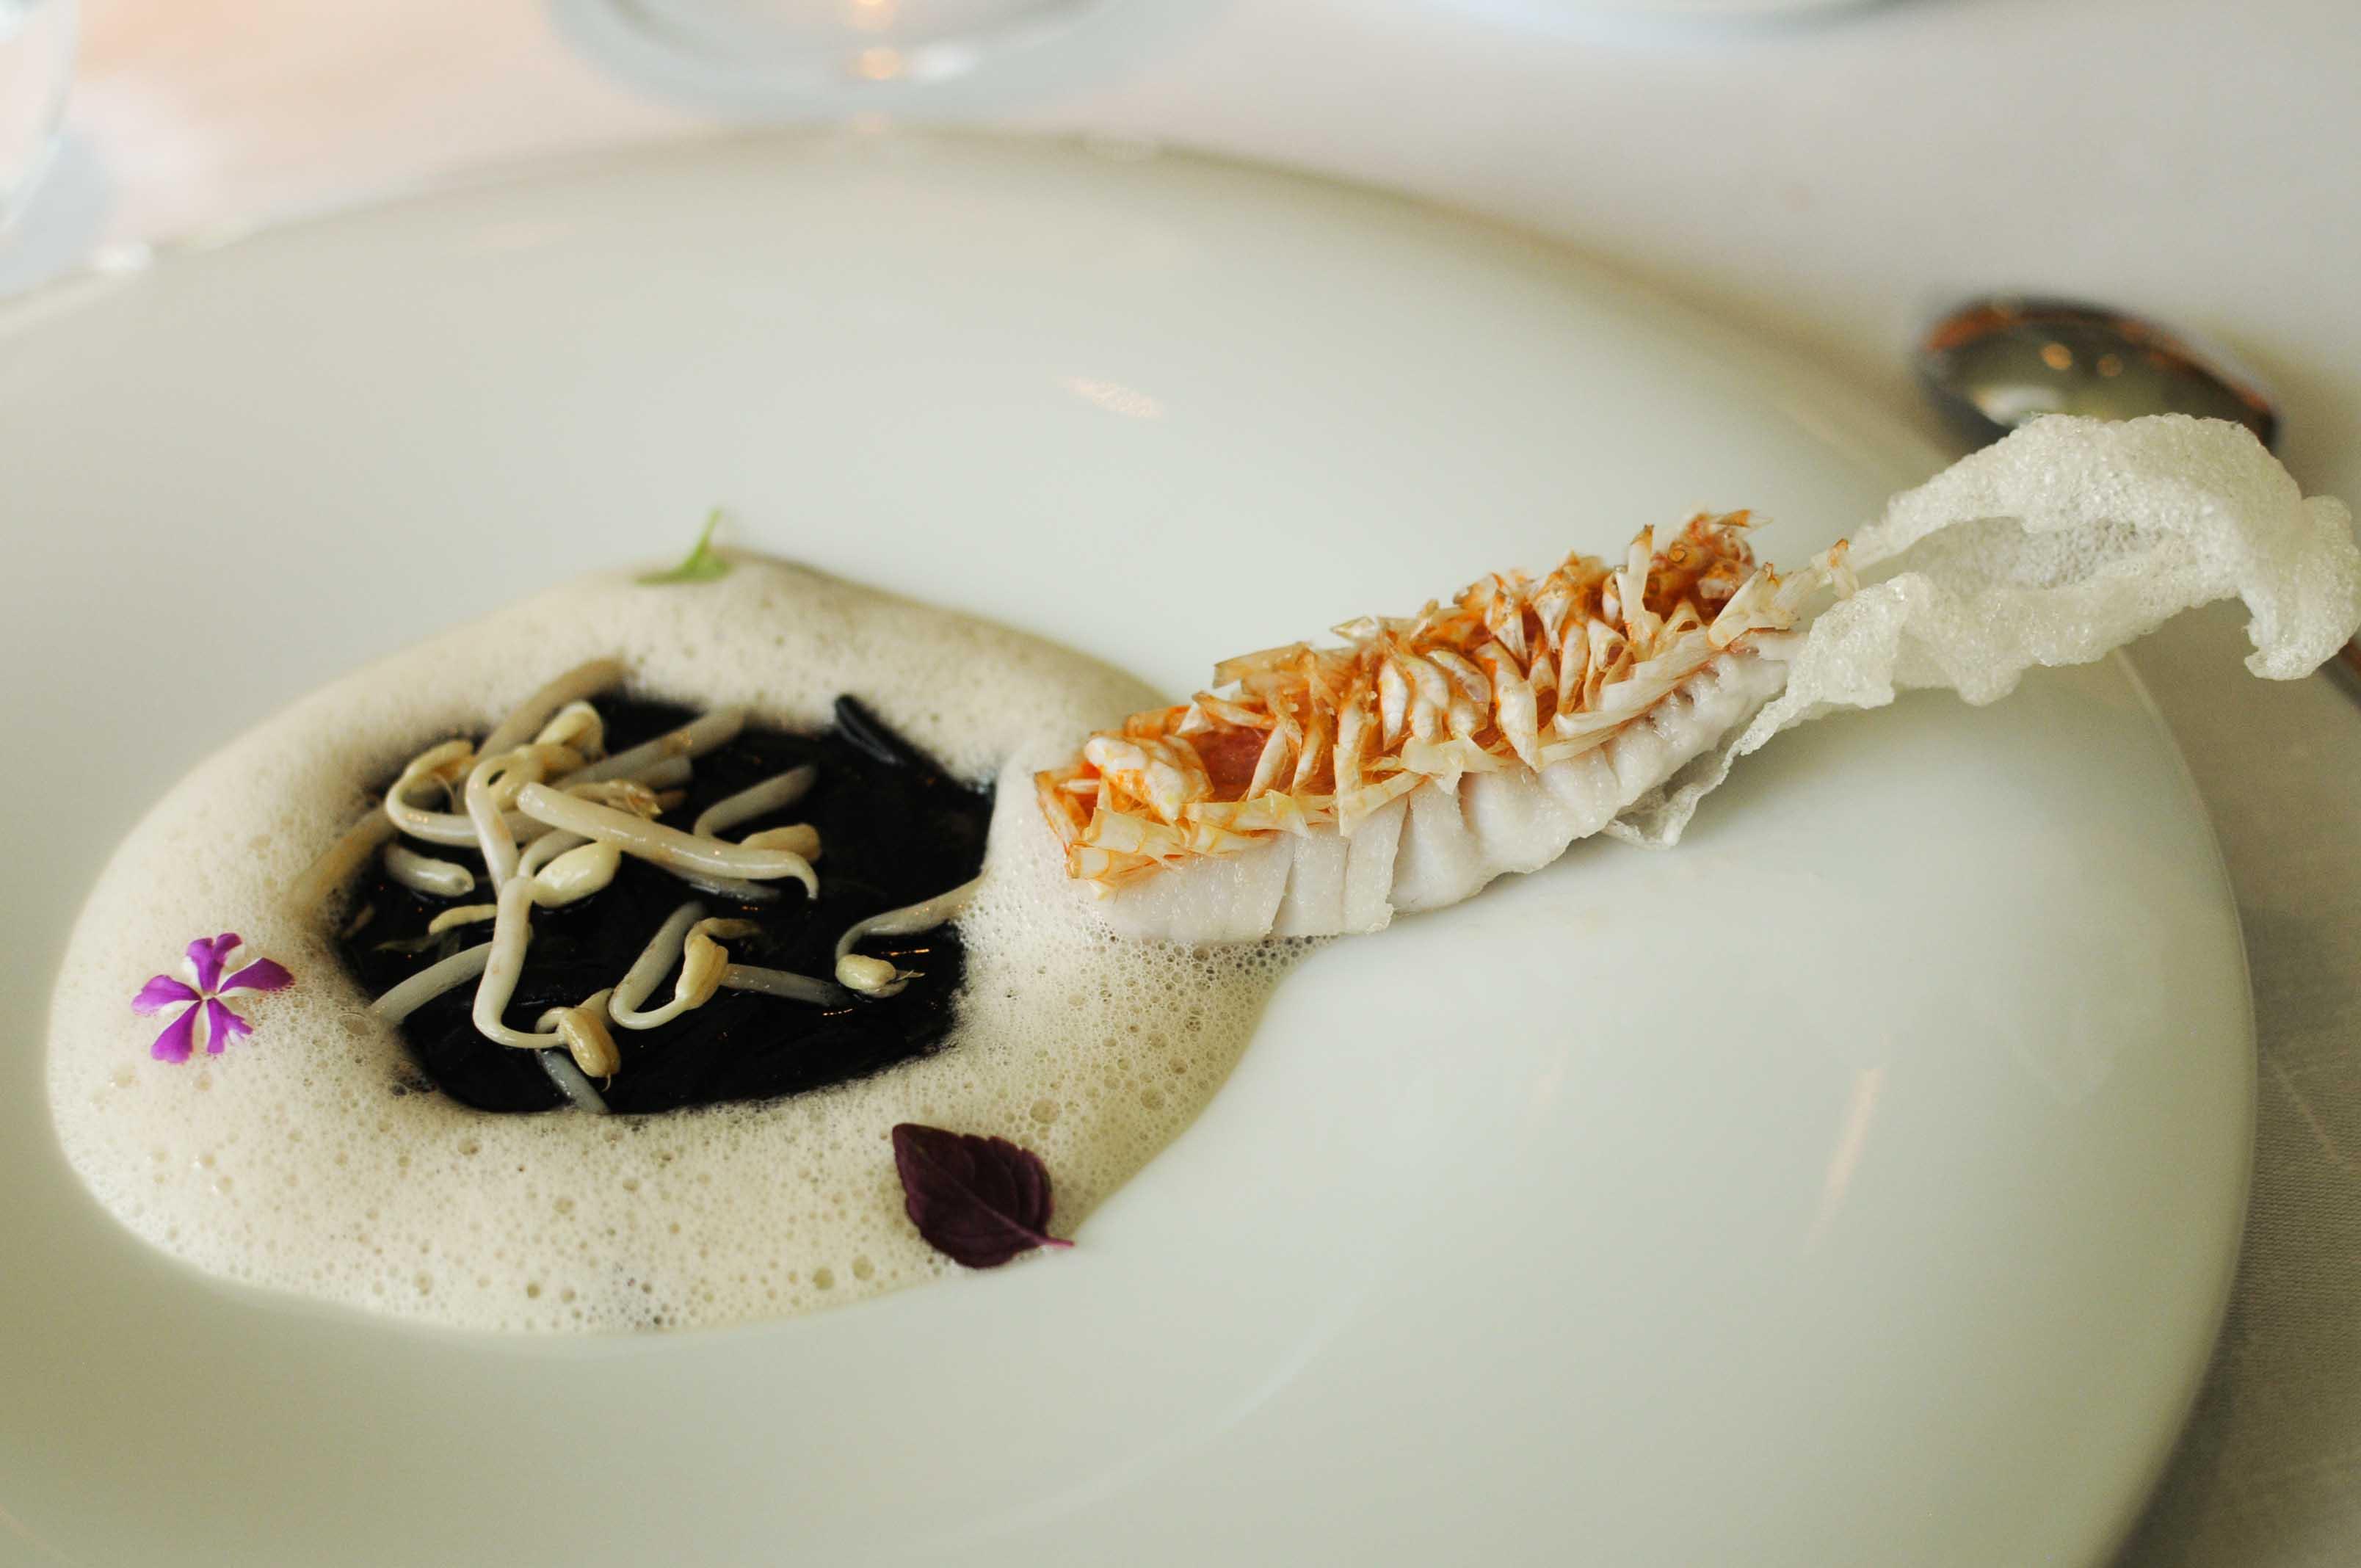 Déjeuner chez Martin Berasategui, à Lasarte, Espagne